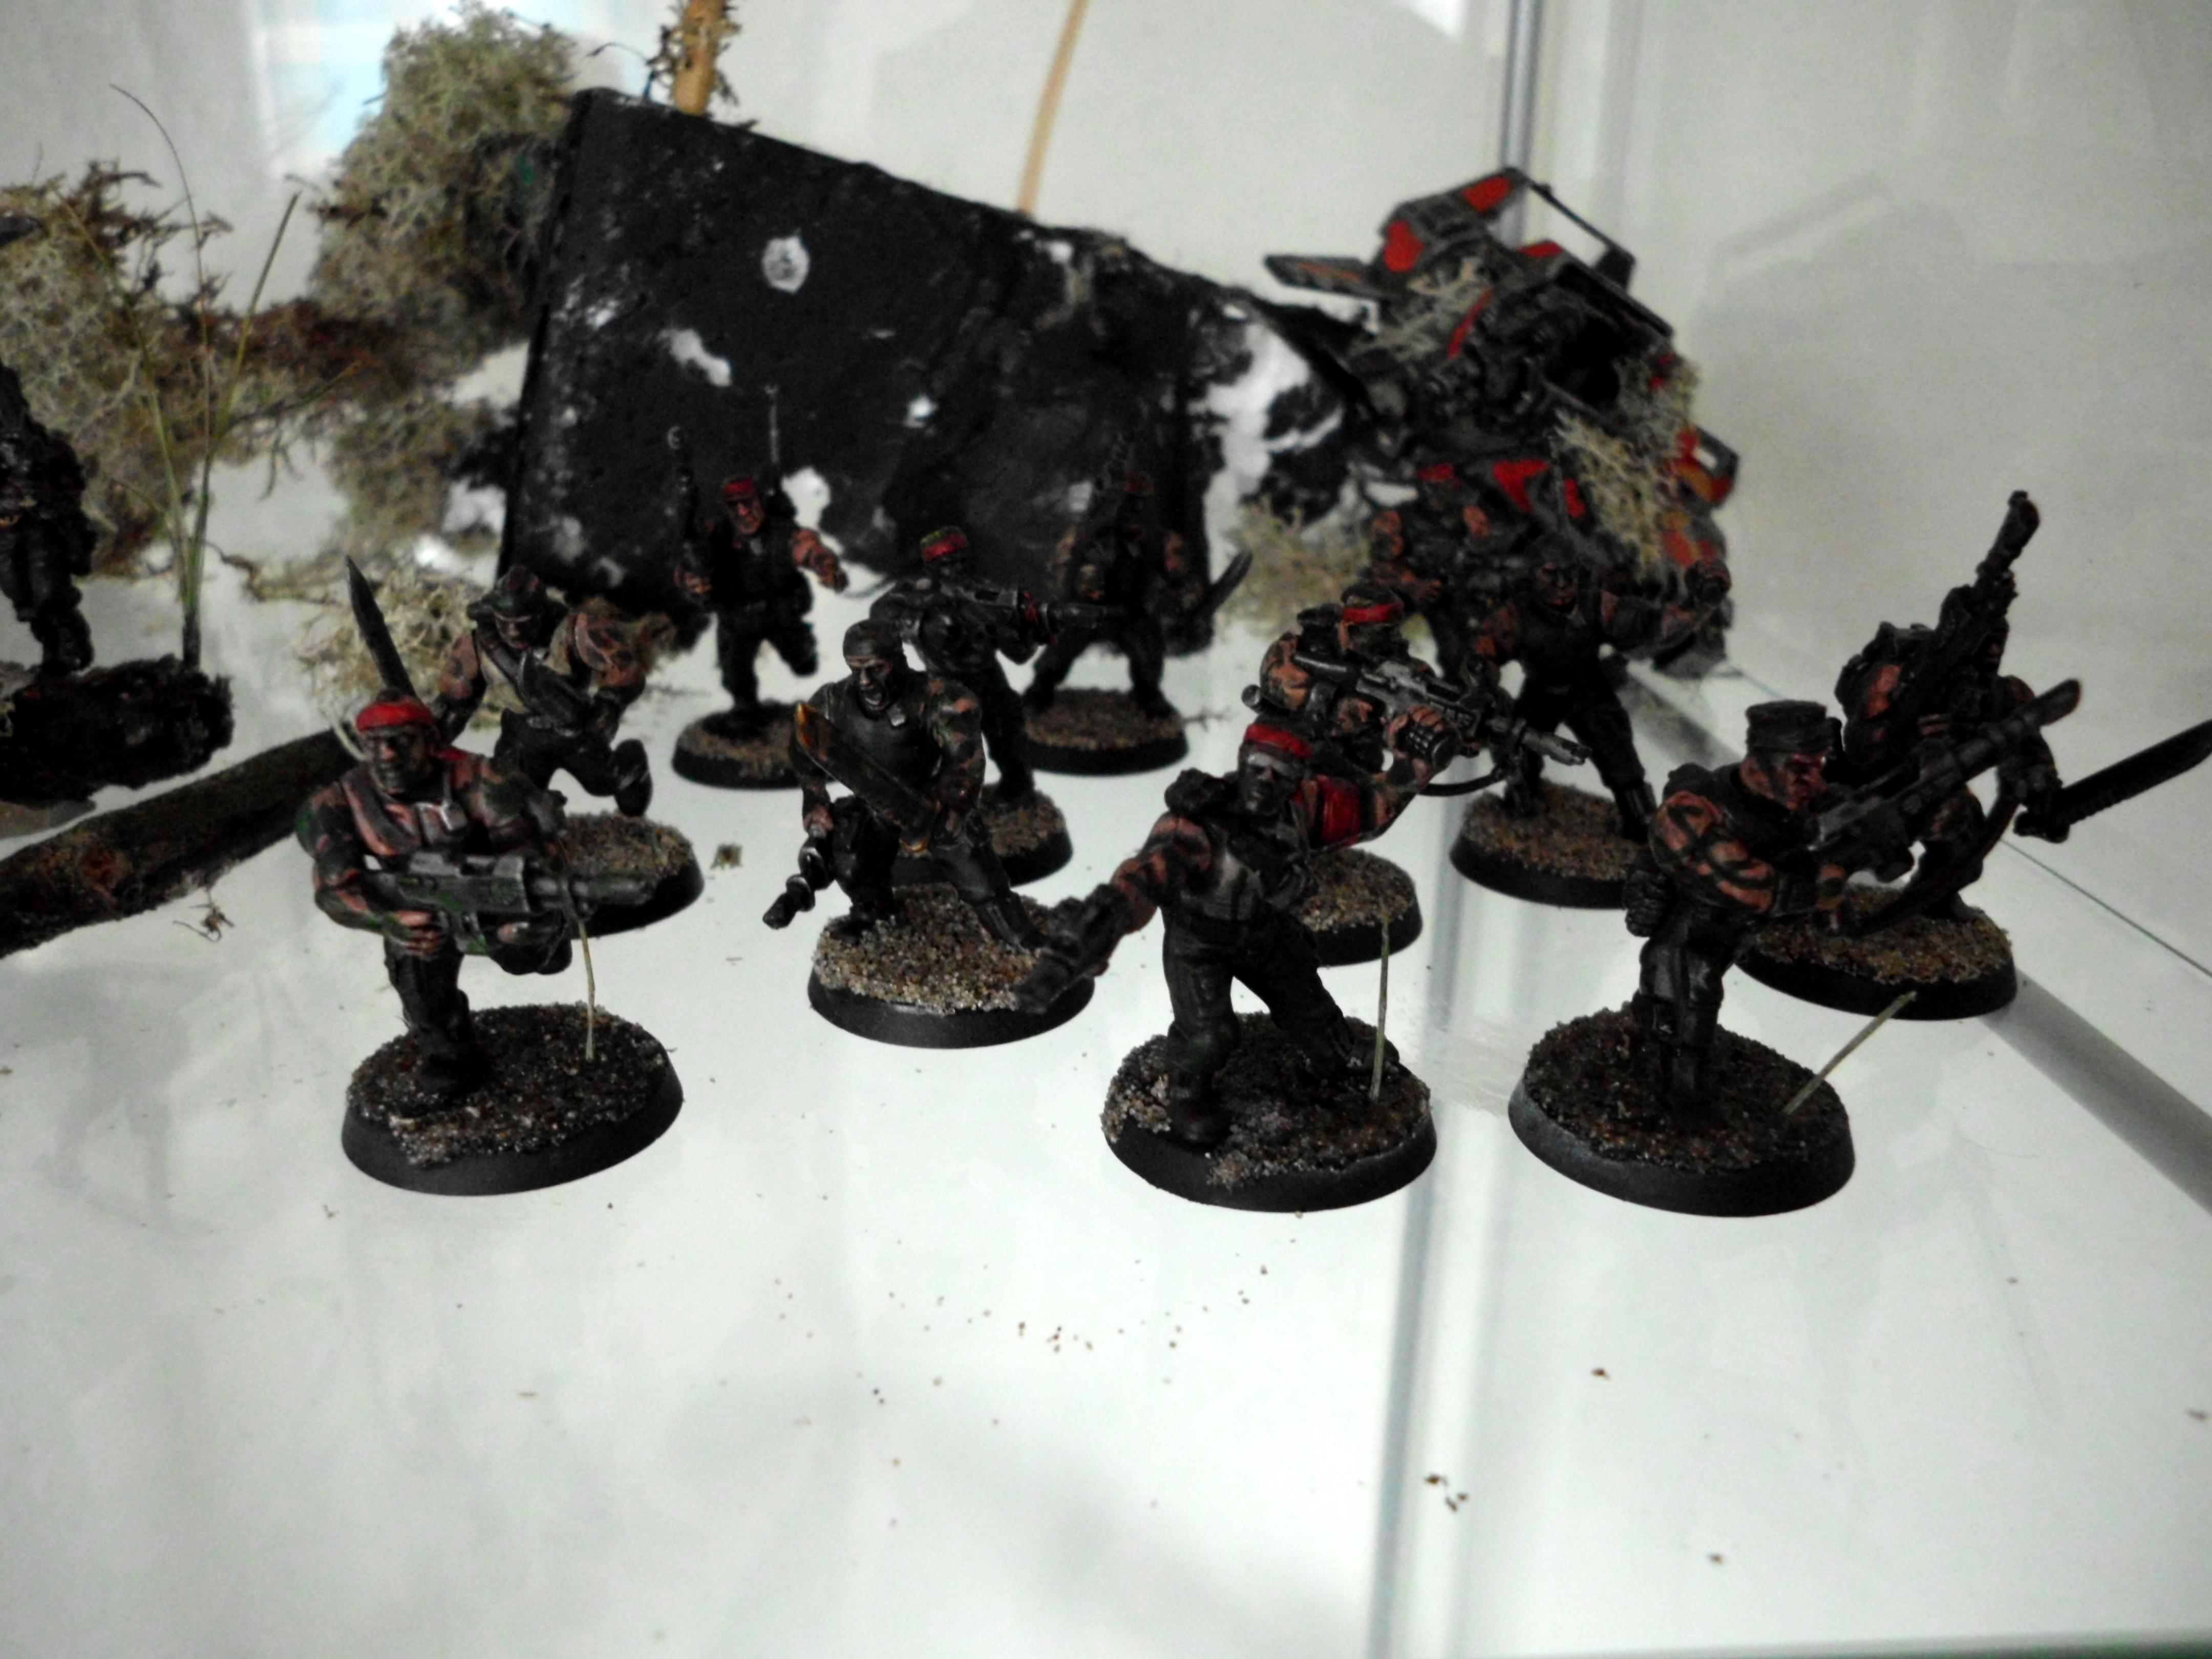 Catachan, Warhammer 40,000